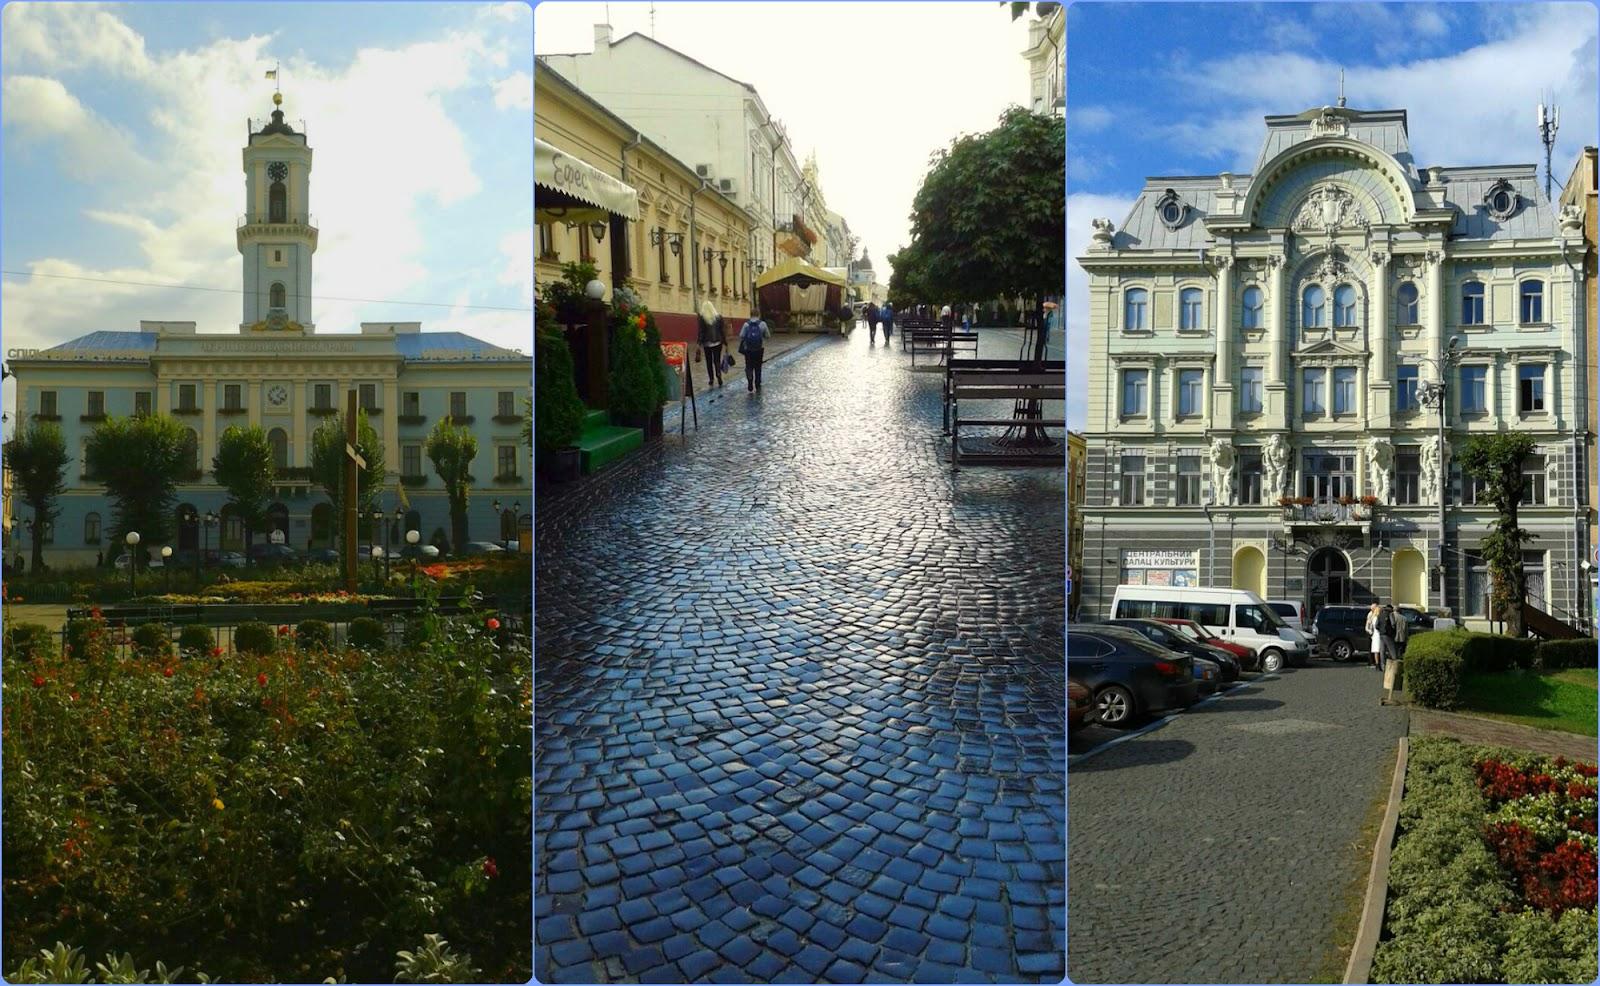 Міська Ратуша, вулиця Ольги Кобилянської, Тетральна площа в Чернівцях